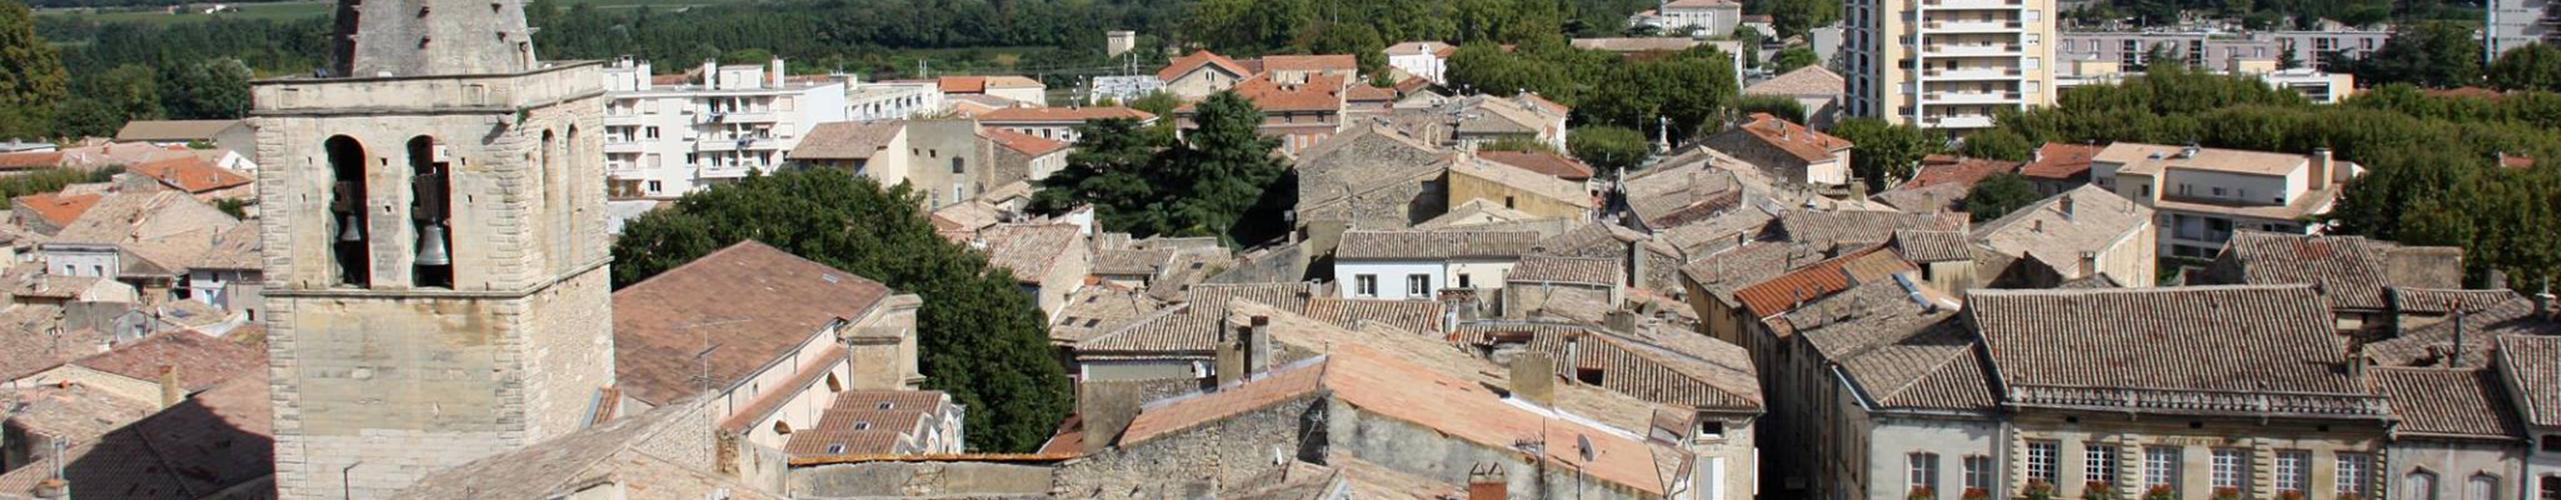 Construction Piscine Bagnols Sur Ceze présentation et histoire de la ville - mairie de bagnols-sur